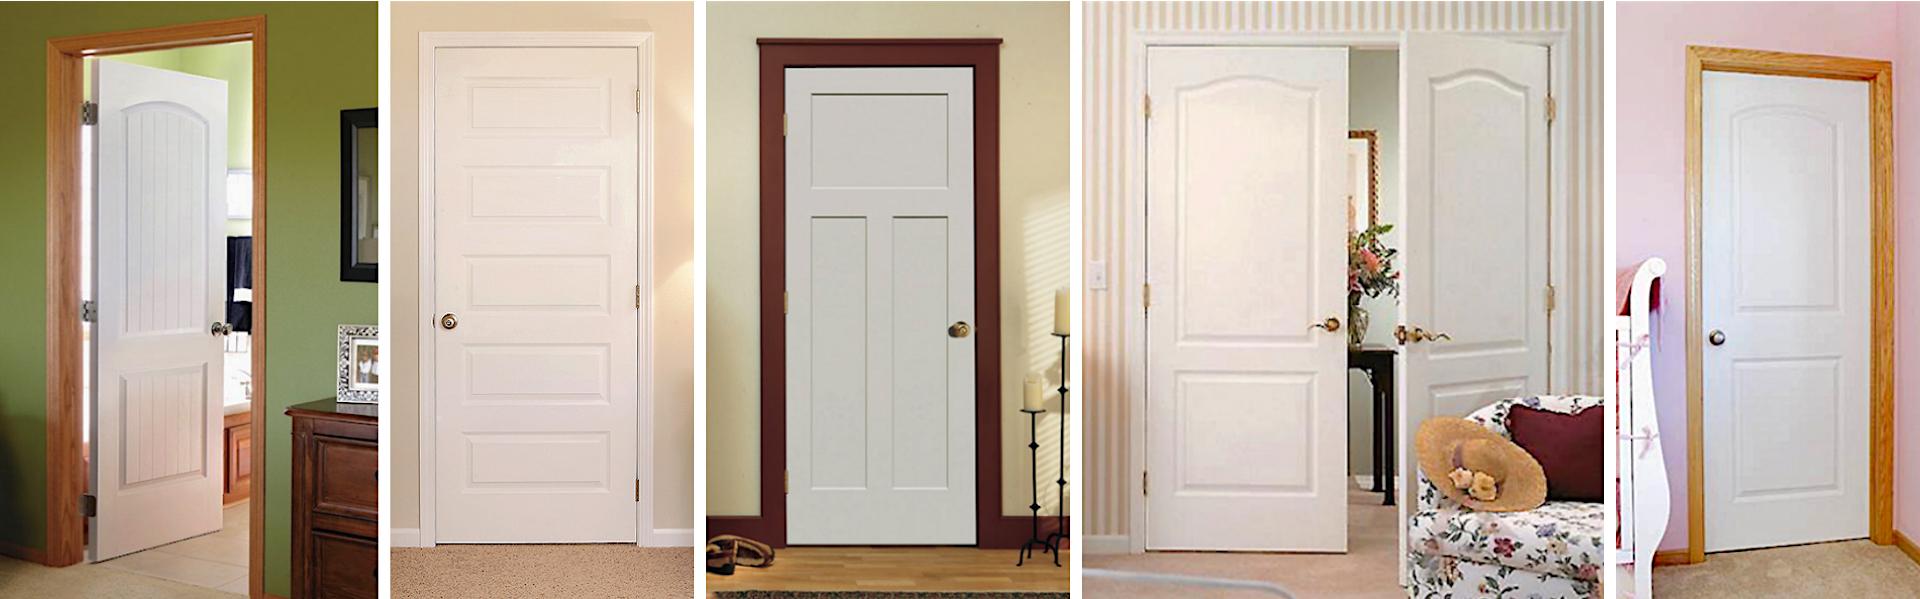 Molded interior door styles